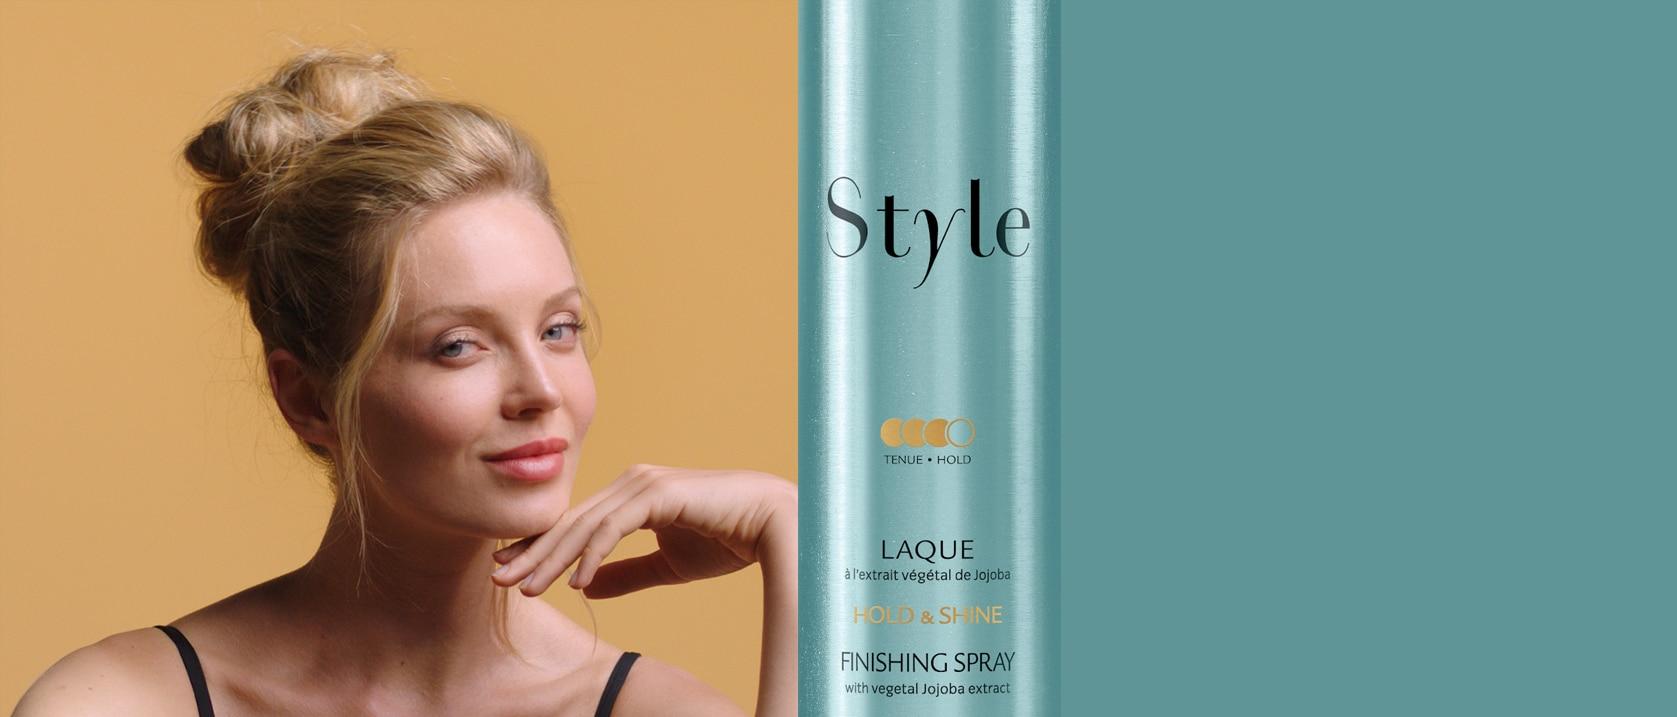 STYLE - spray fixant| René Furterer